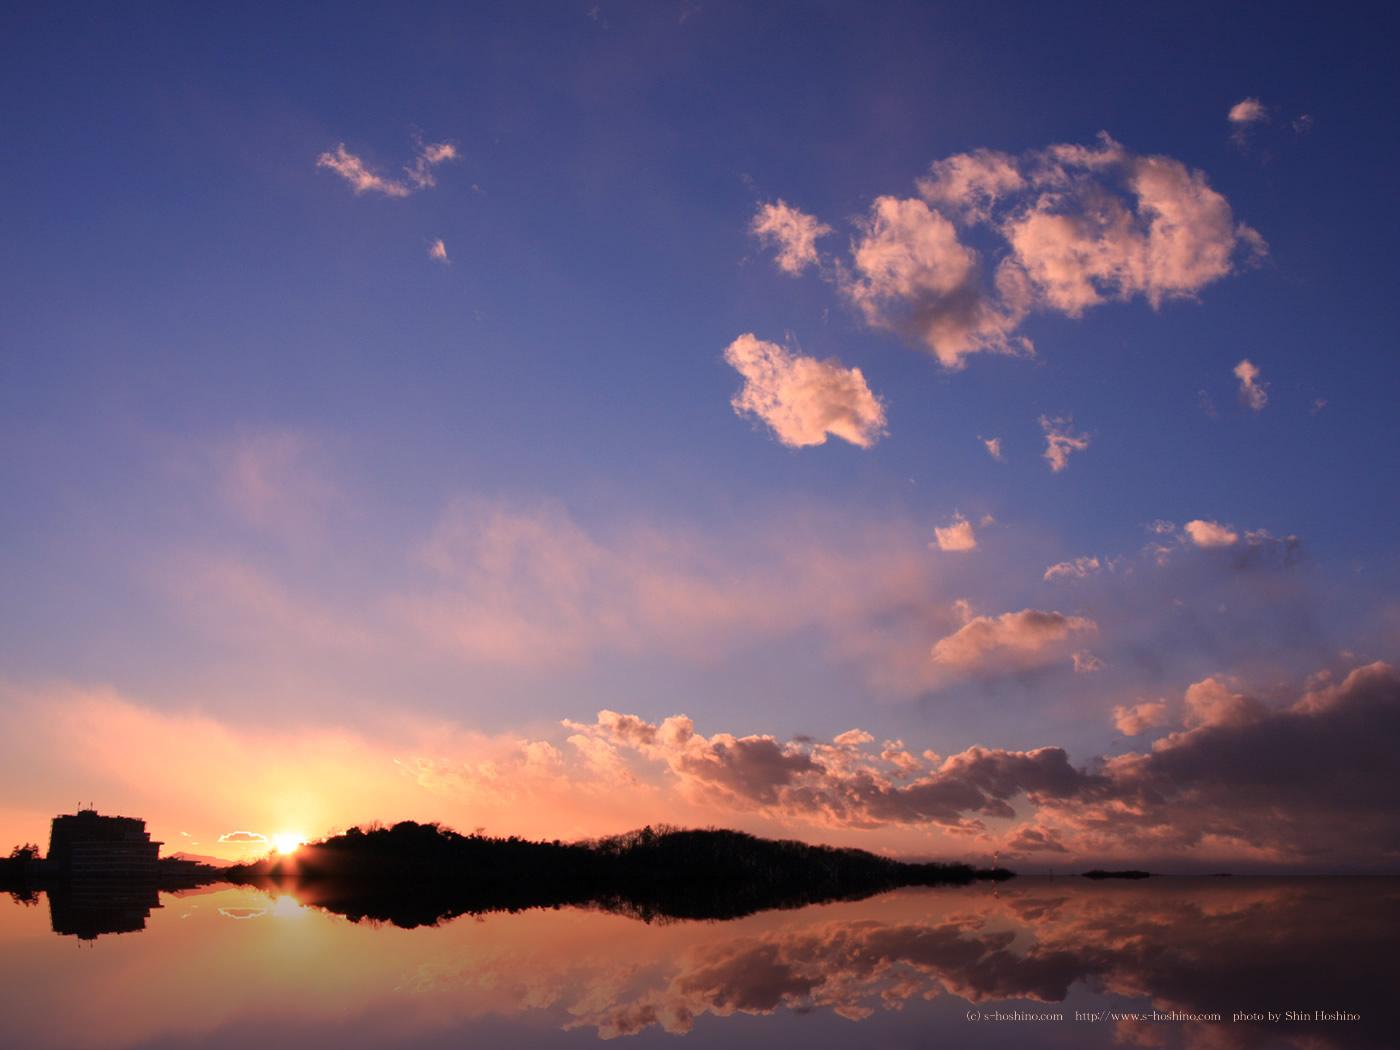 無料壁紙 自然 風景写真等 高画質写真 フリー素材屋hoshino